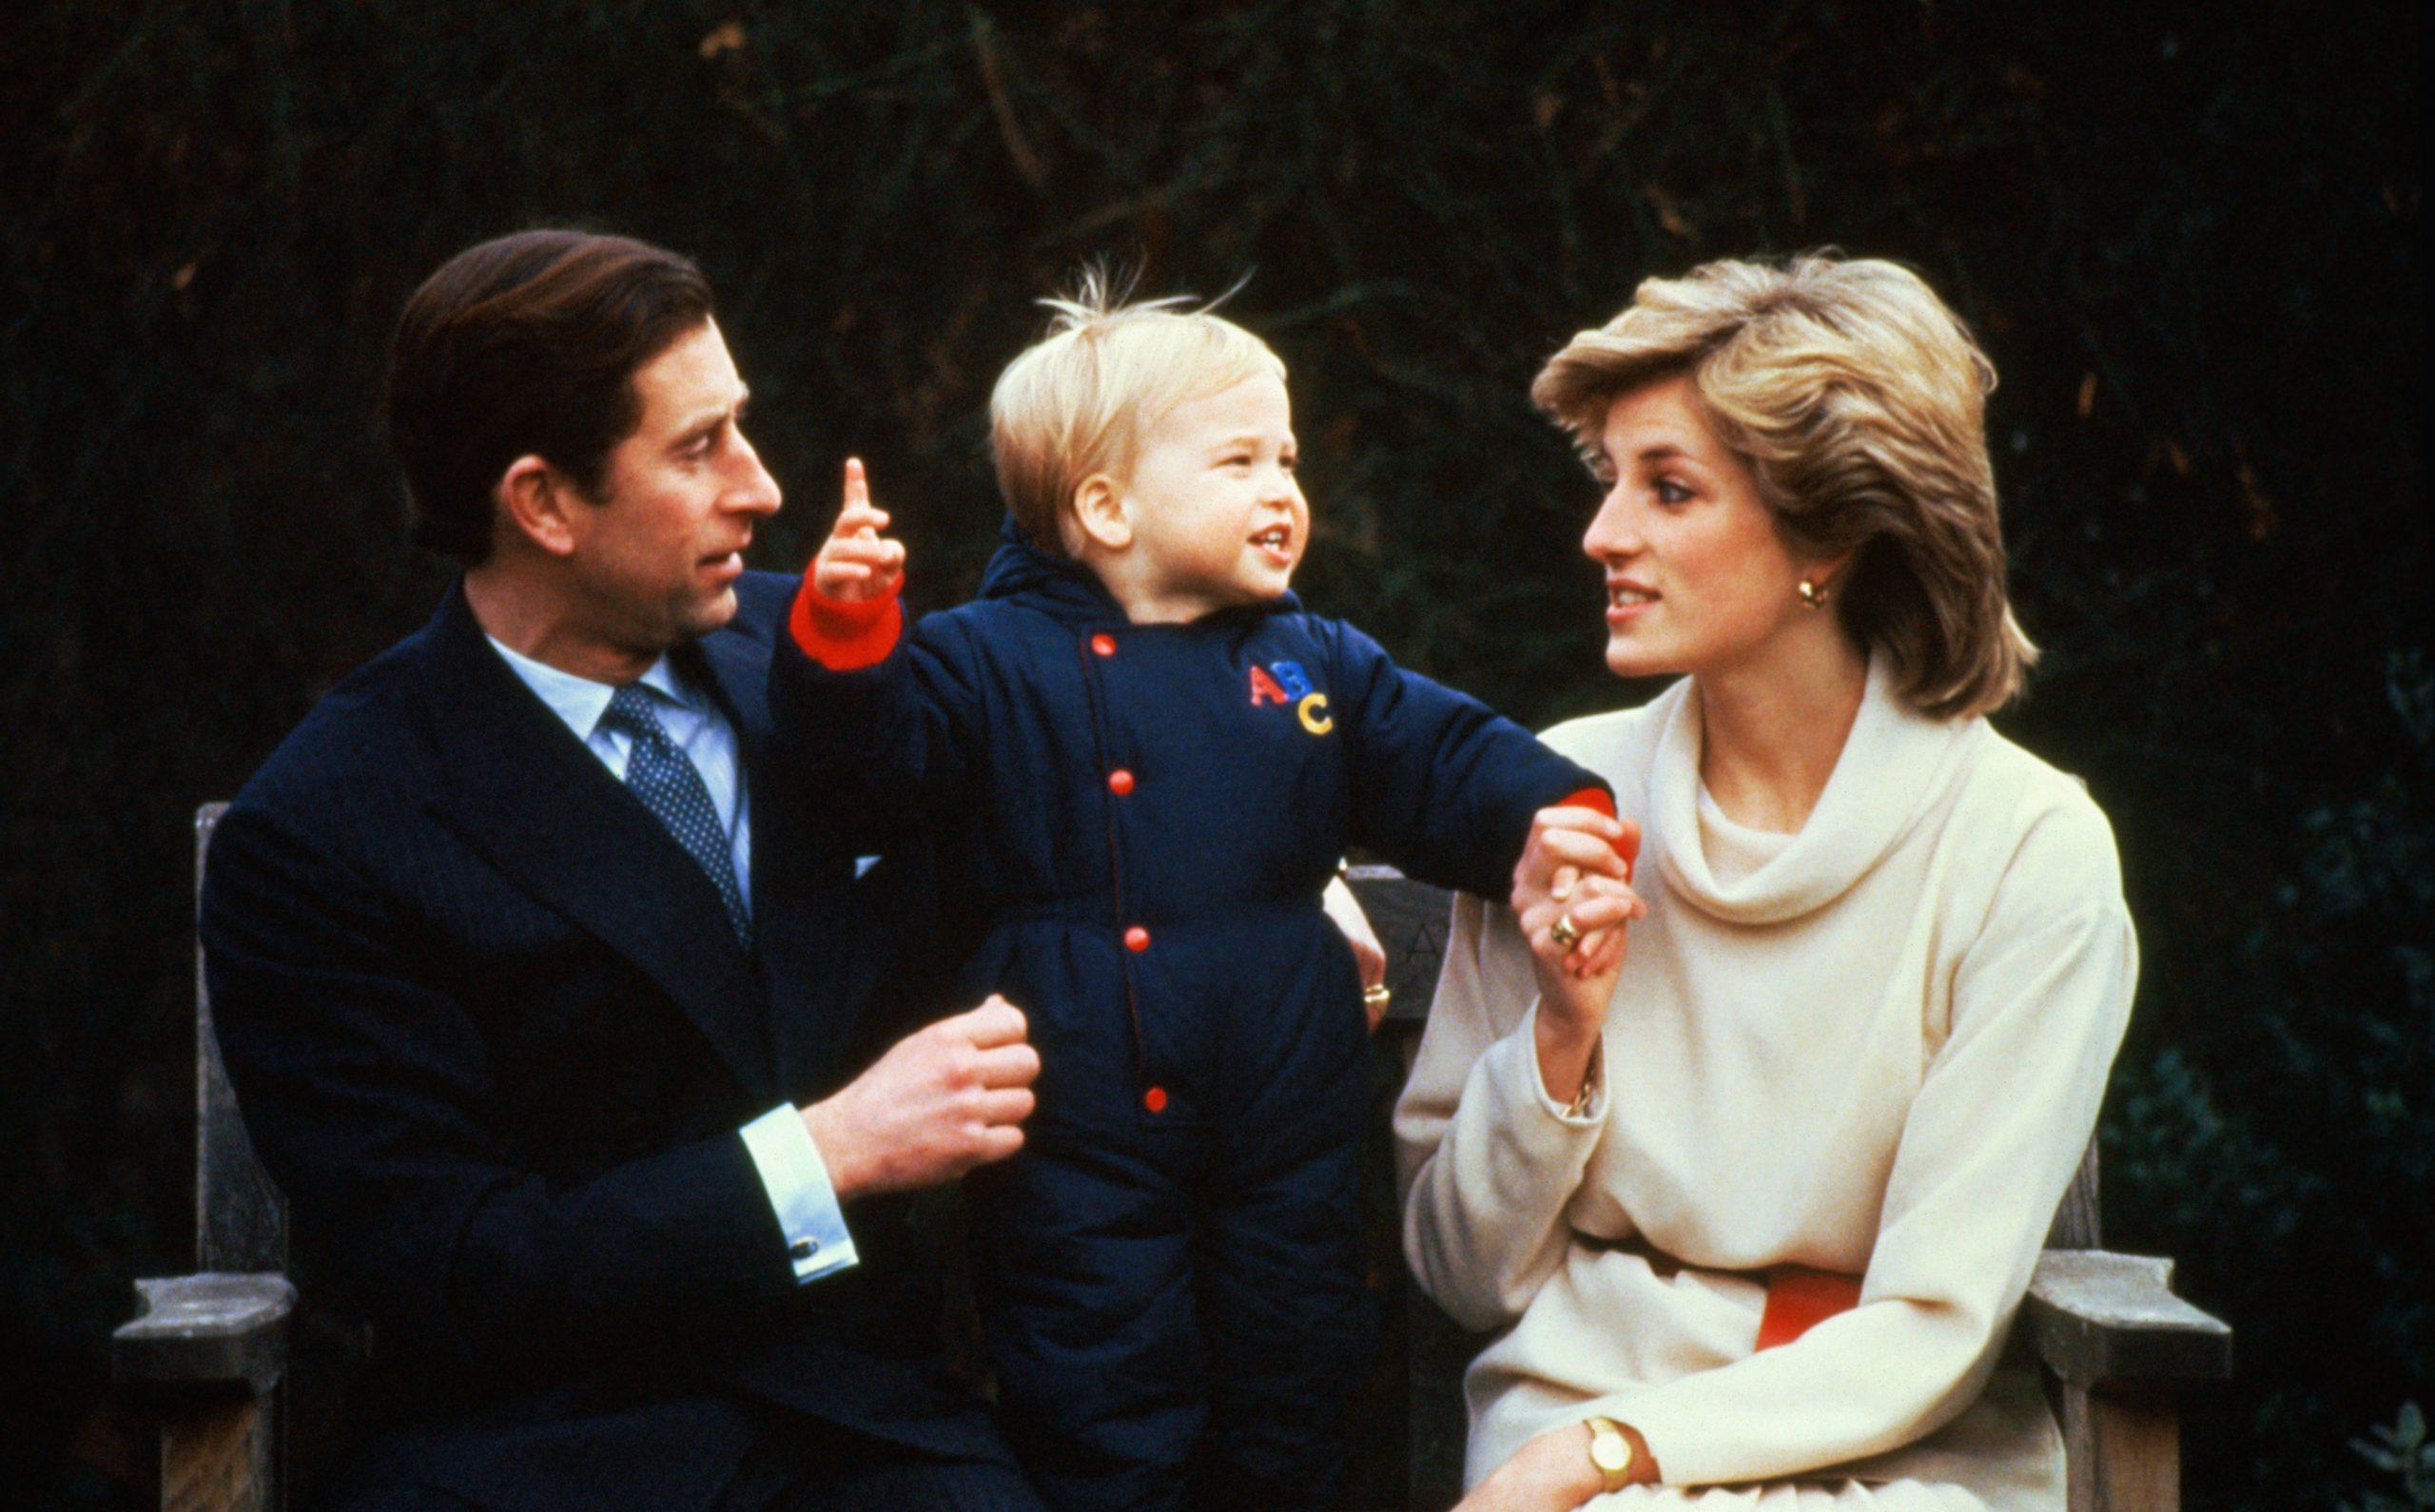 Le Prince William, Diana et son père le Prince Charles.